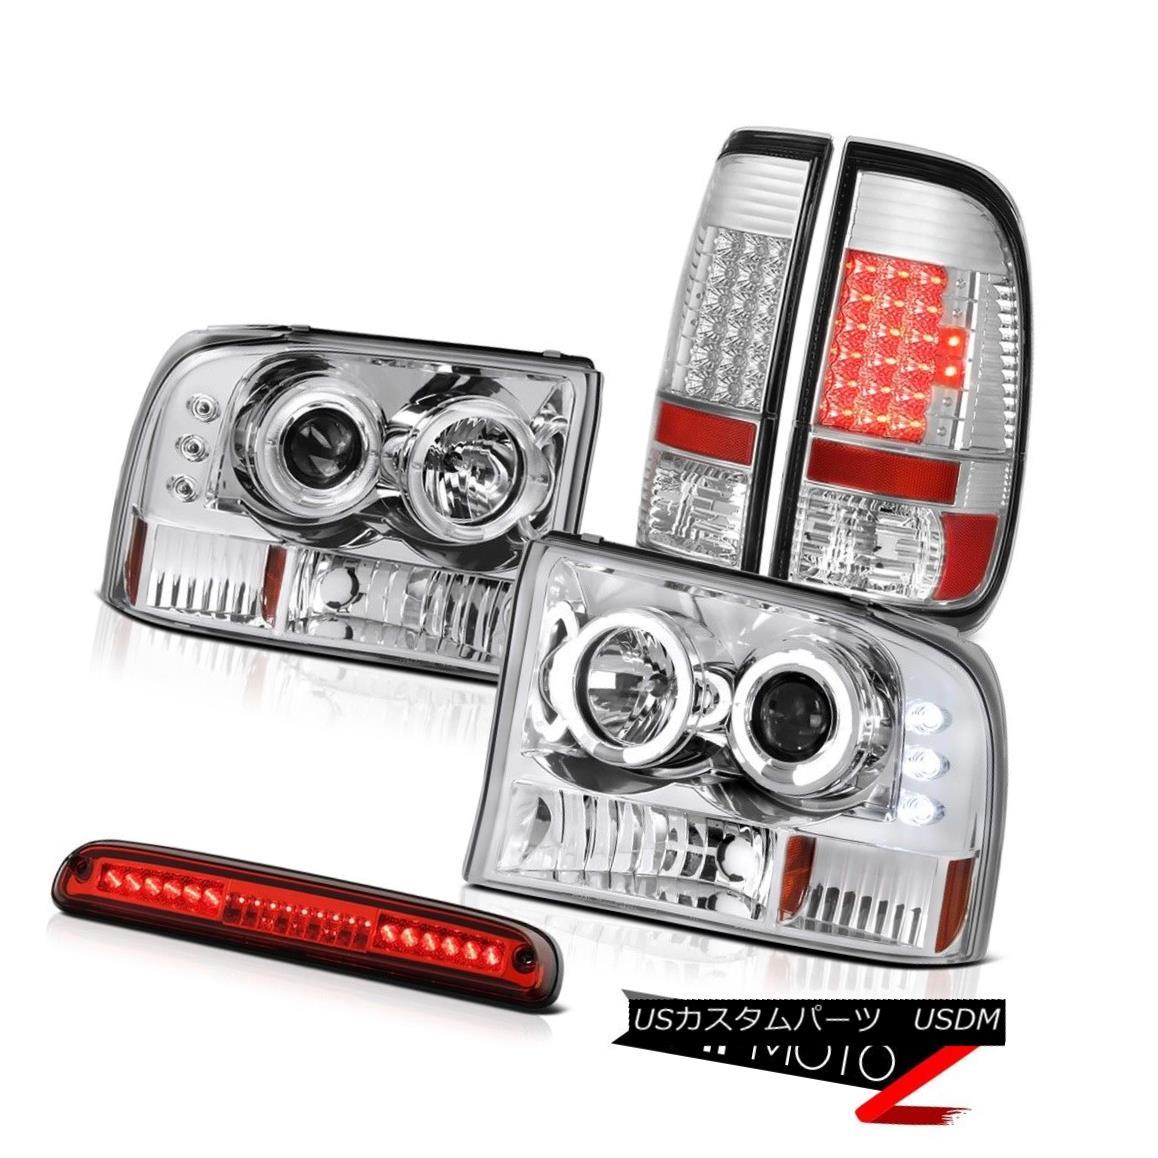 ヘッドライト 99-04 F250 XLT Chrome Halo Headlights Clear LED Tail Lights Roof Brake Cargo 99-04 F250 XLTクロームハローヘッドライトクリアLEDテールライトルーフブレーキカーゴ